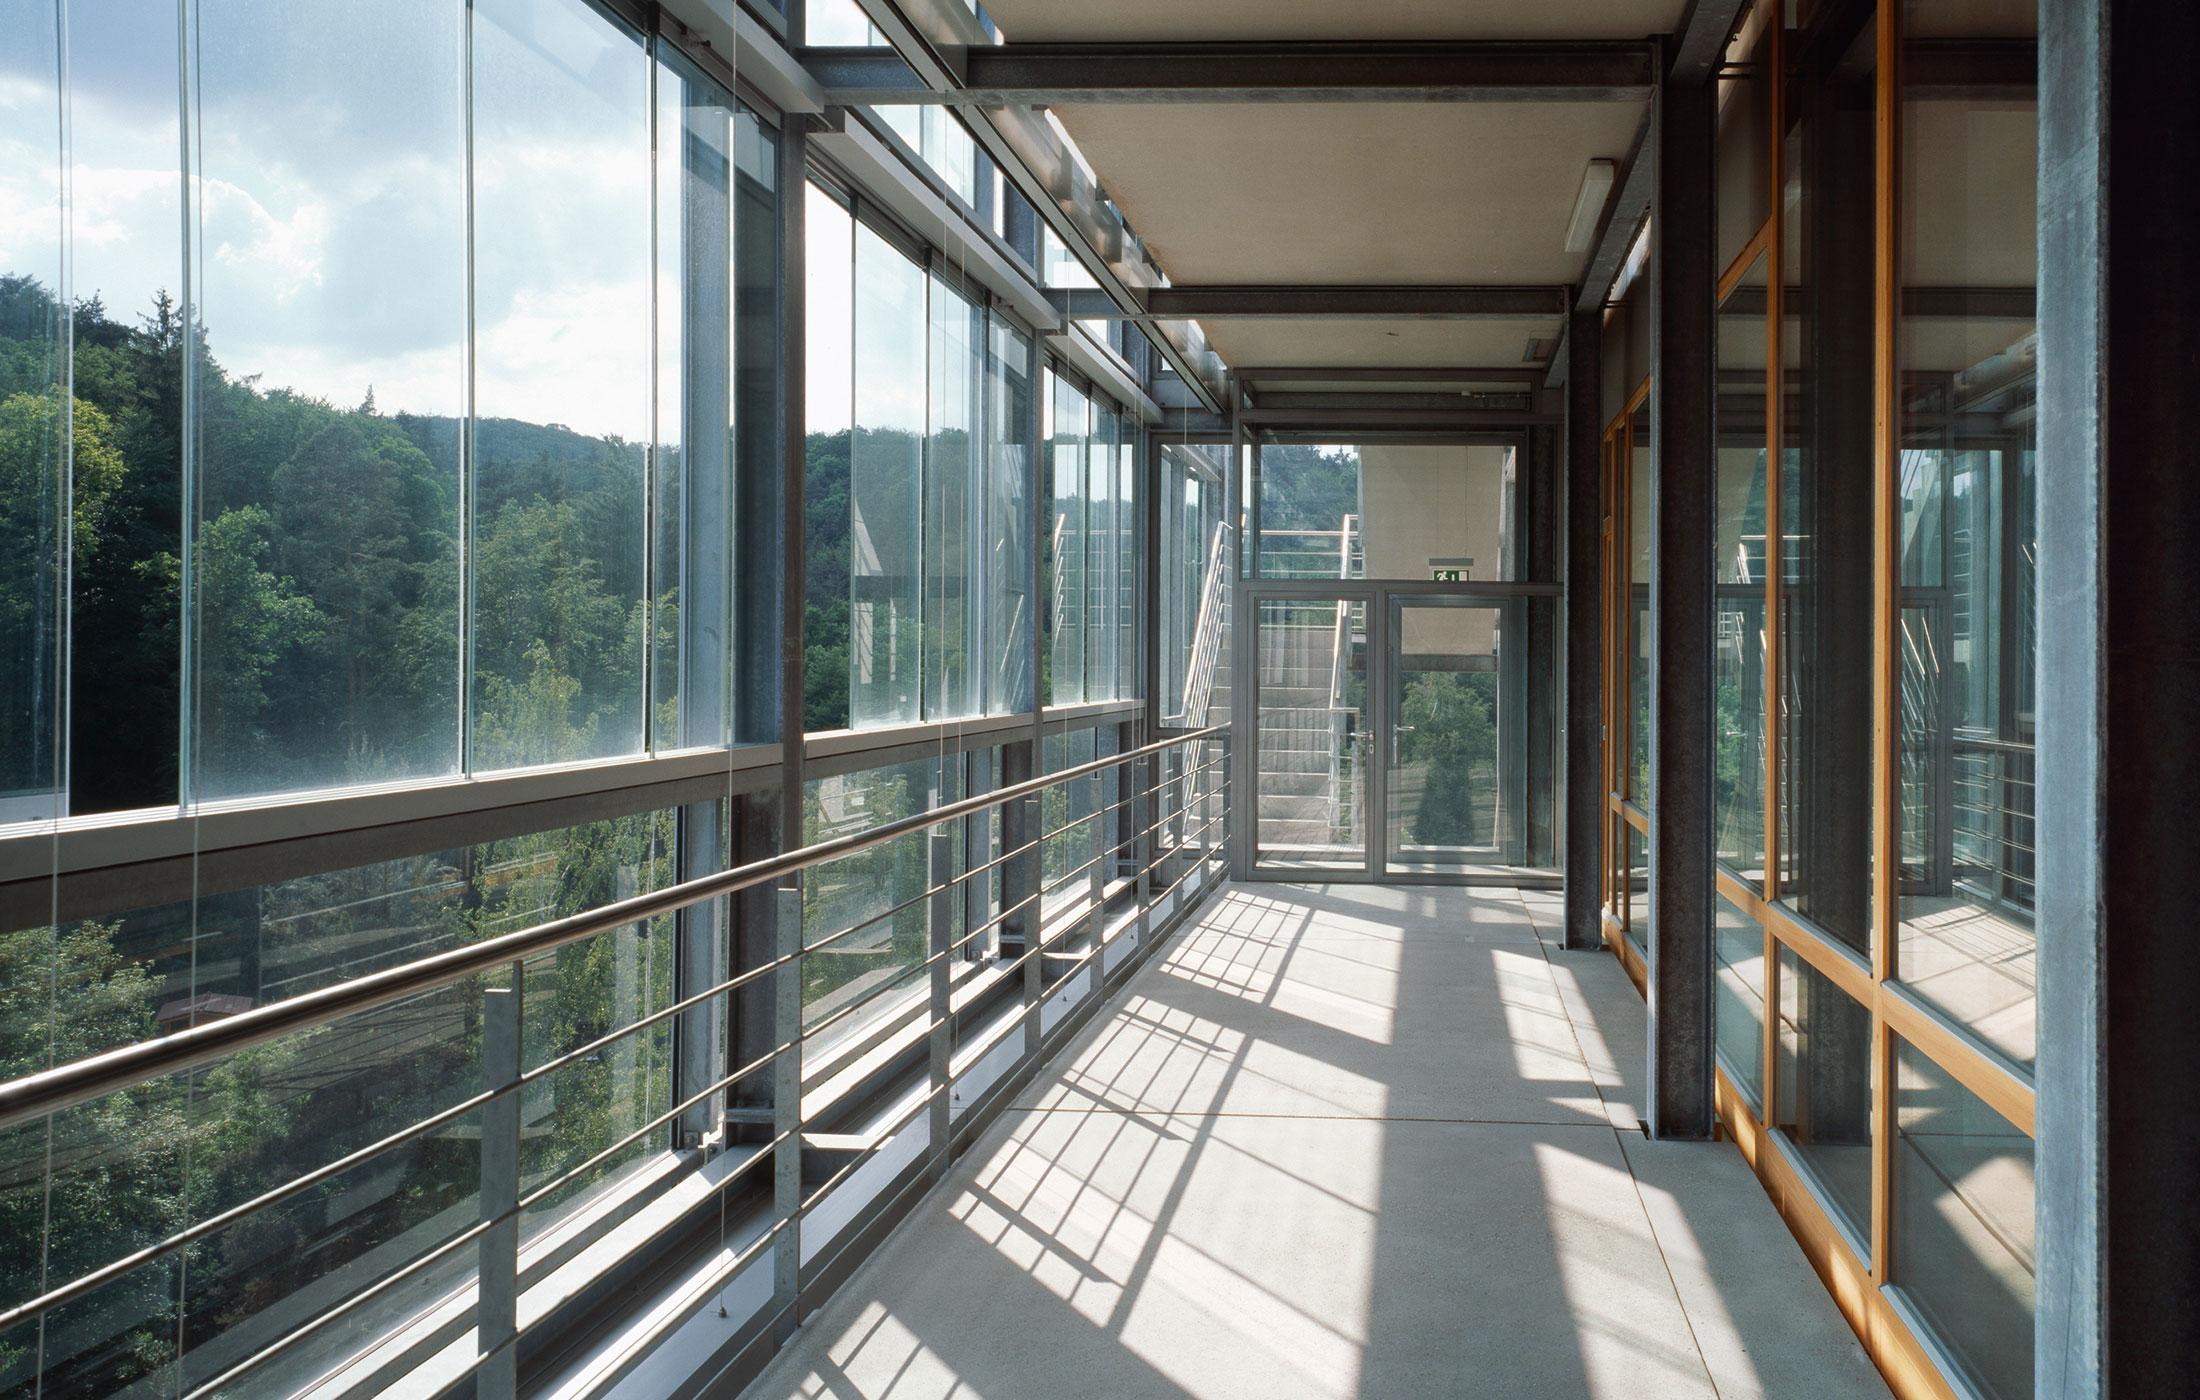 2002, Generalsanierung und Umbau Verwaltungsgebäude LSV, Stuttgart